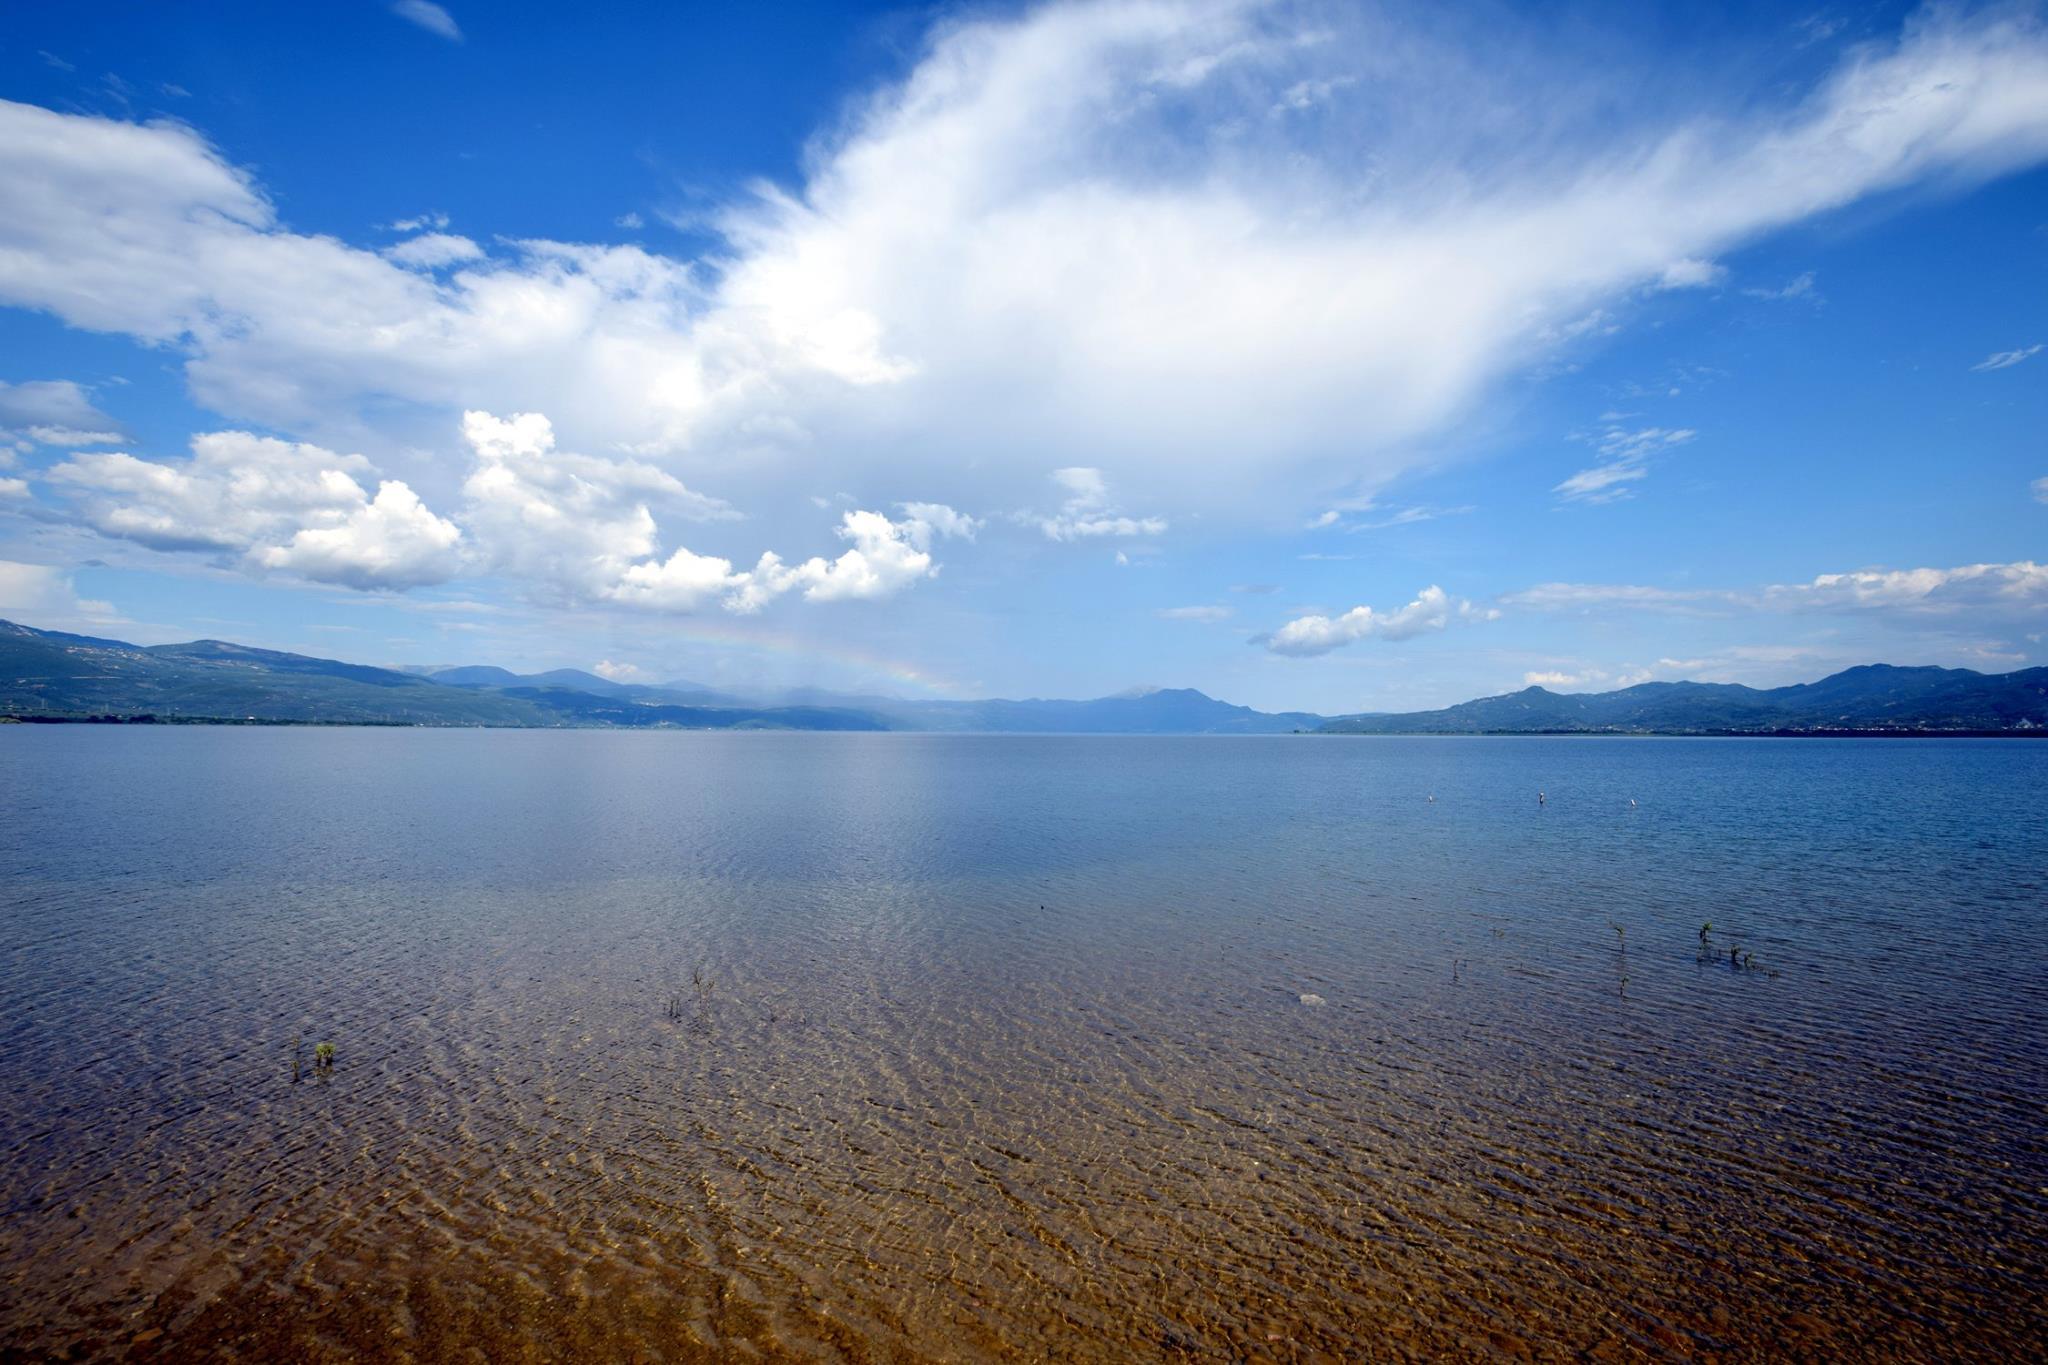 Πρόγνωση τριημέρου 12-14 Οκτωβρίου: καλός καιρός στην Αιτωλοακαρνανία